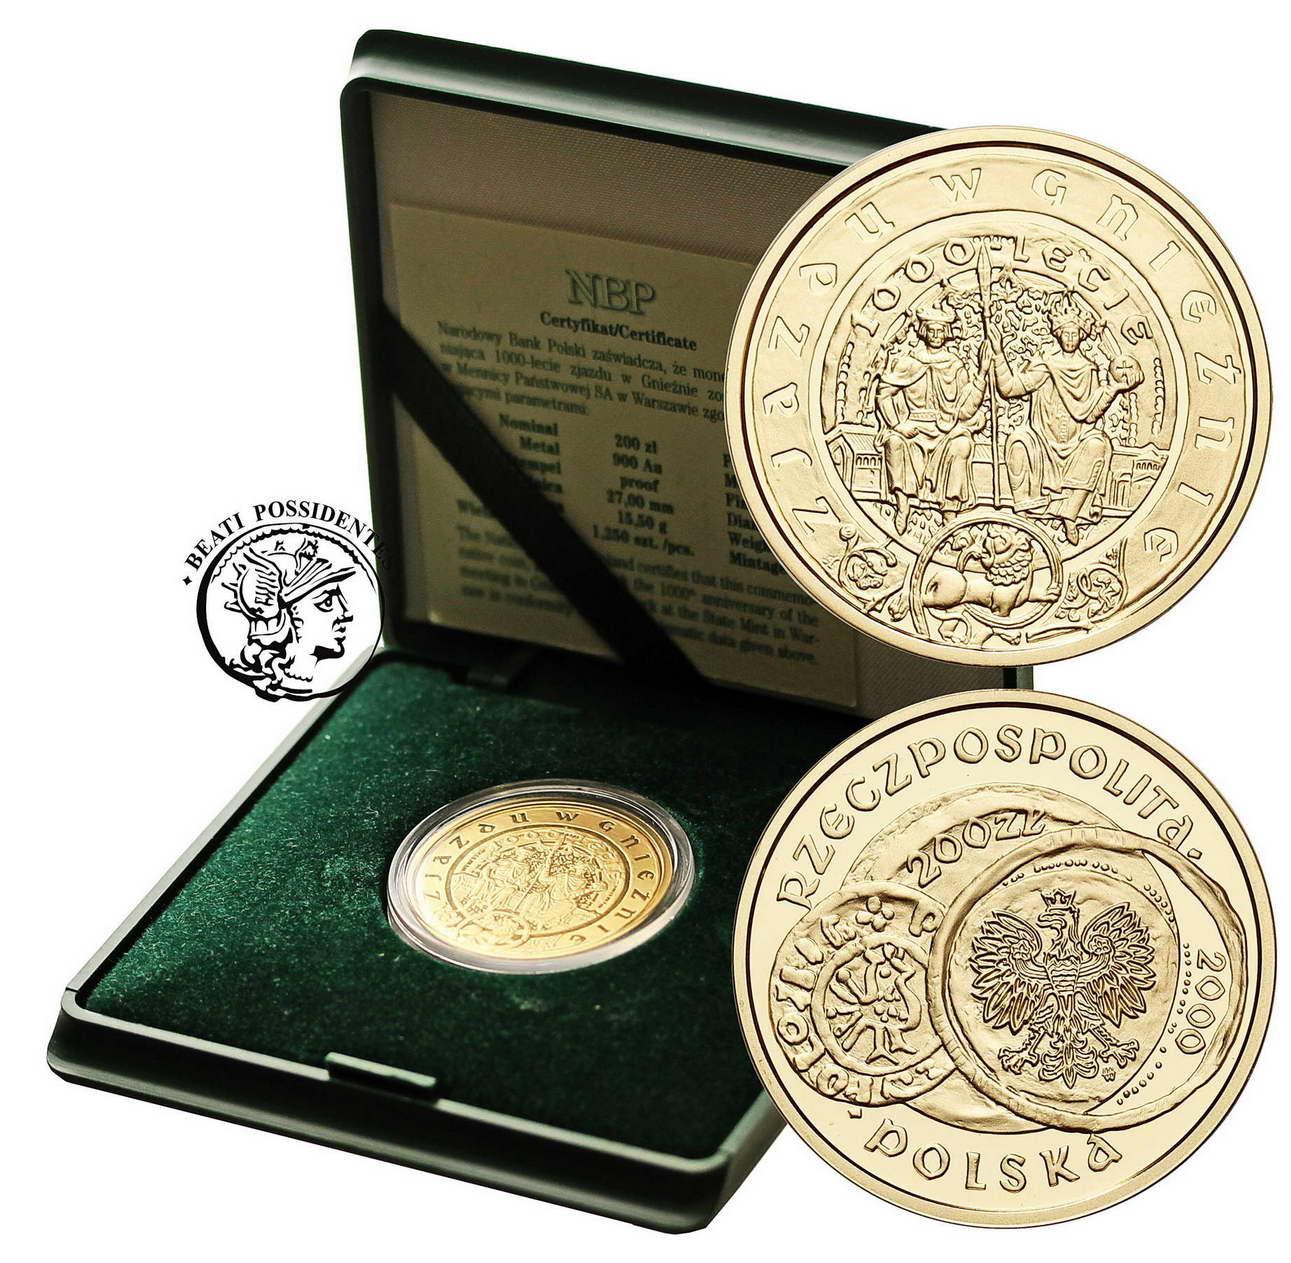 Polska III RP 200 złotych 2000 Zjazd w Gnieźnie - duże Gniezno st.L